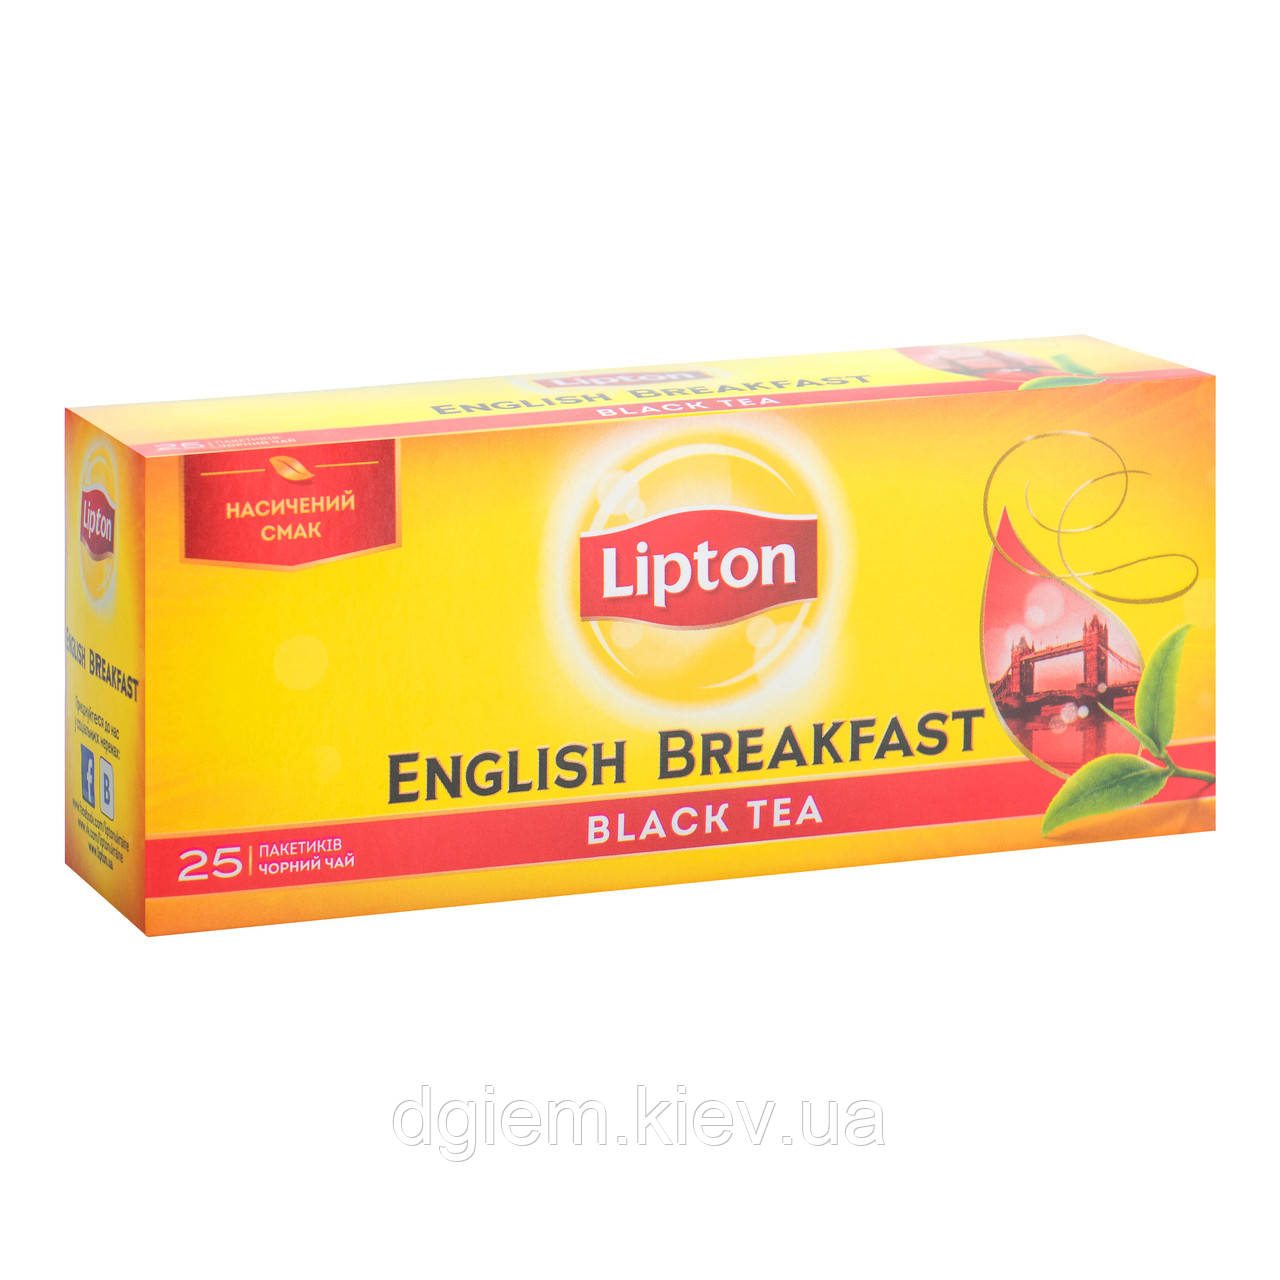 """Чай чорний ENGLISH BREAKFAST 2гх25шт """"Lipton"""", пакет"""